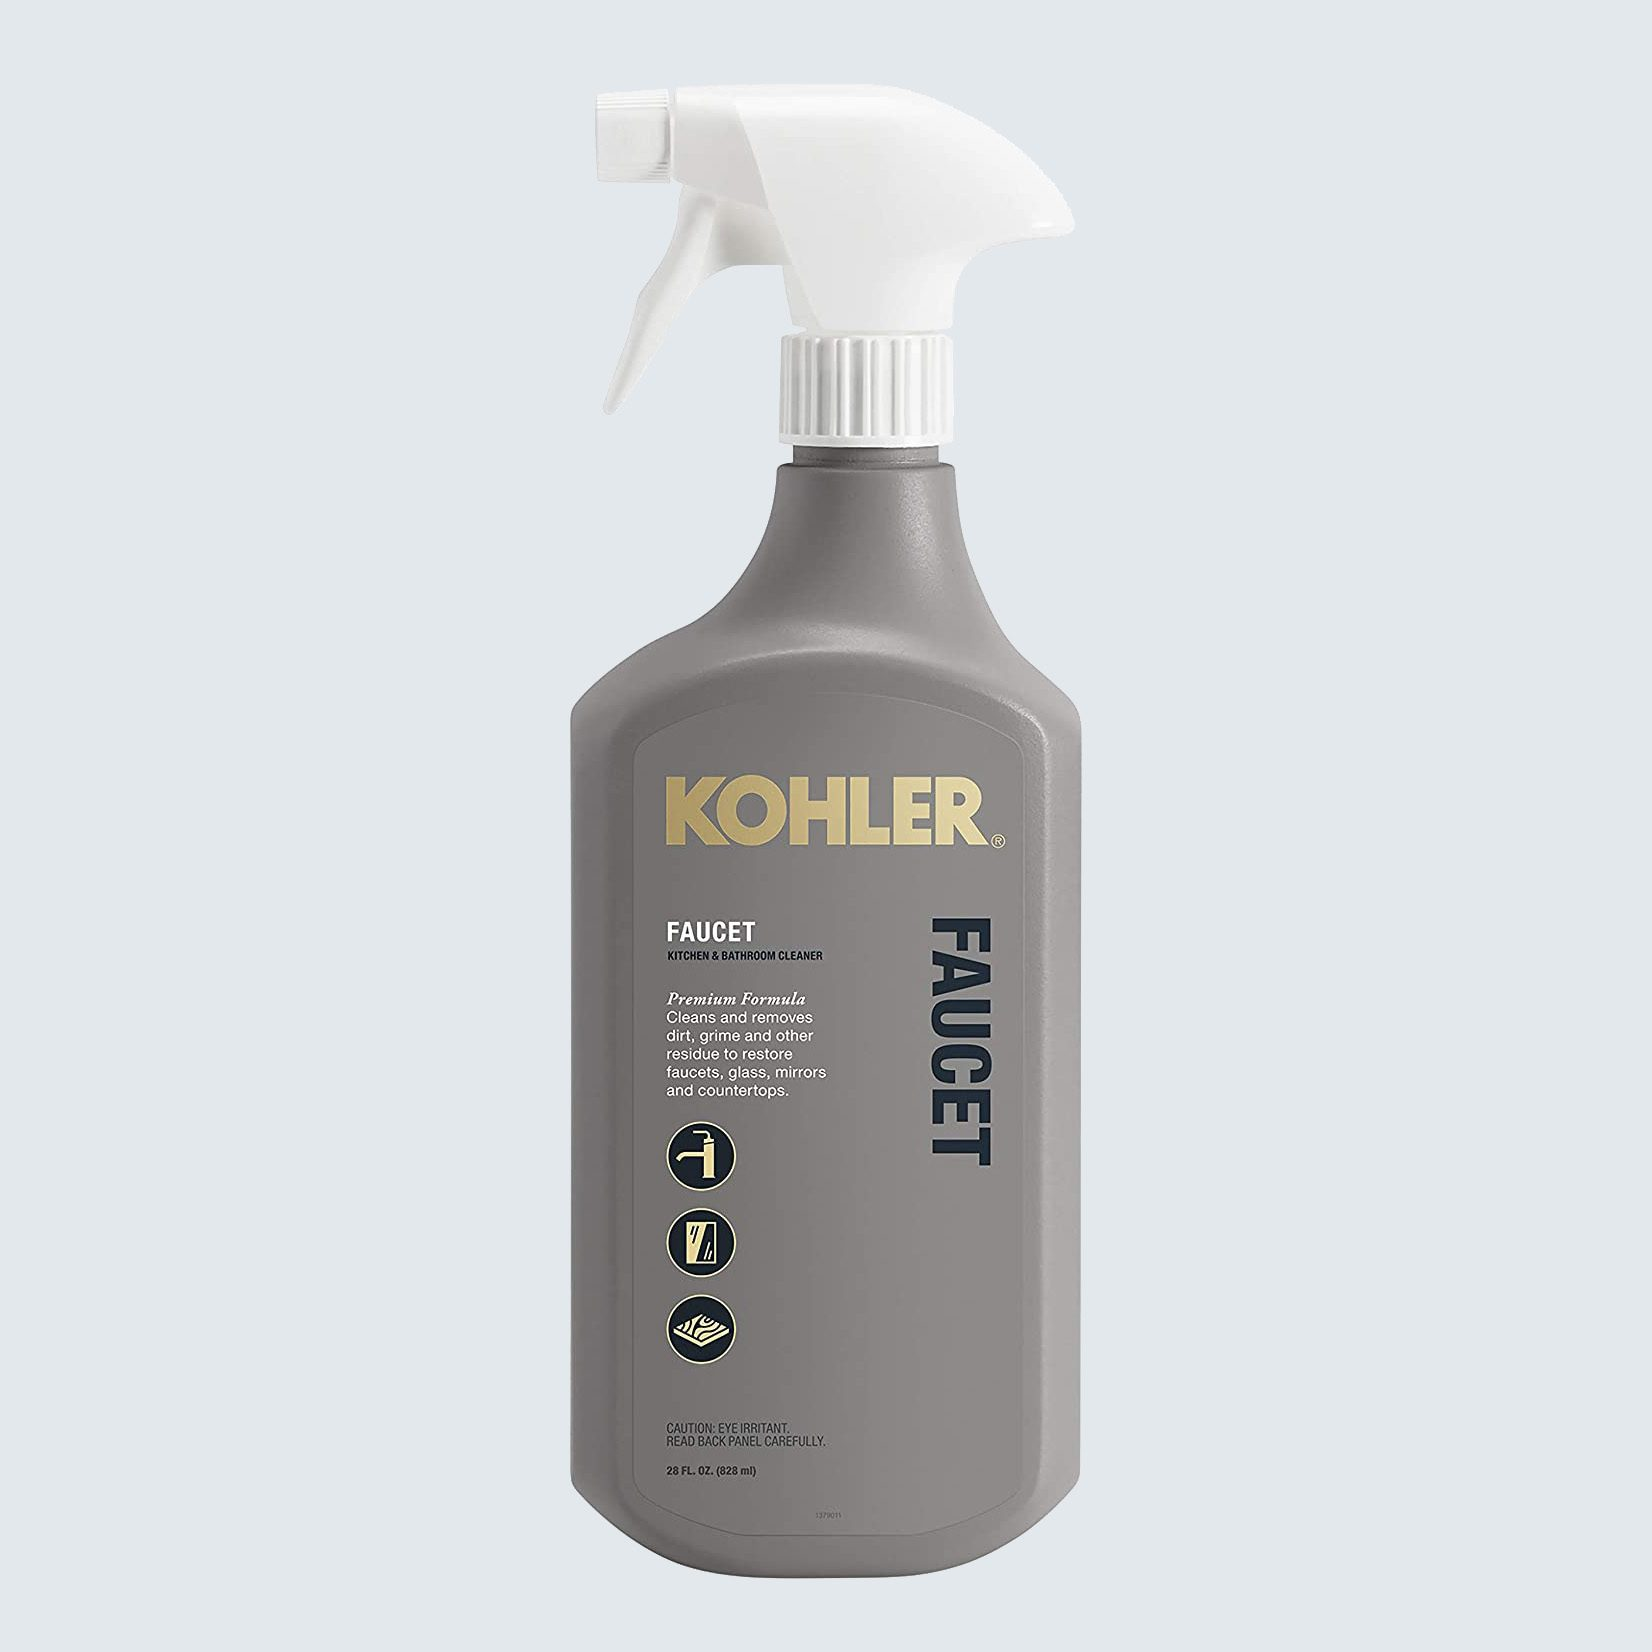 Kohler Faucet Cleaner